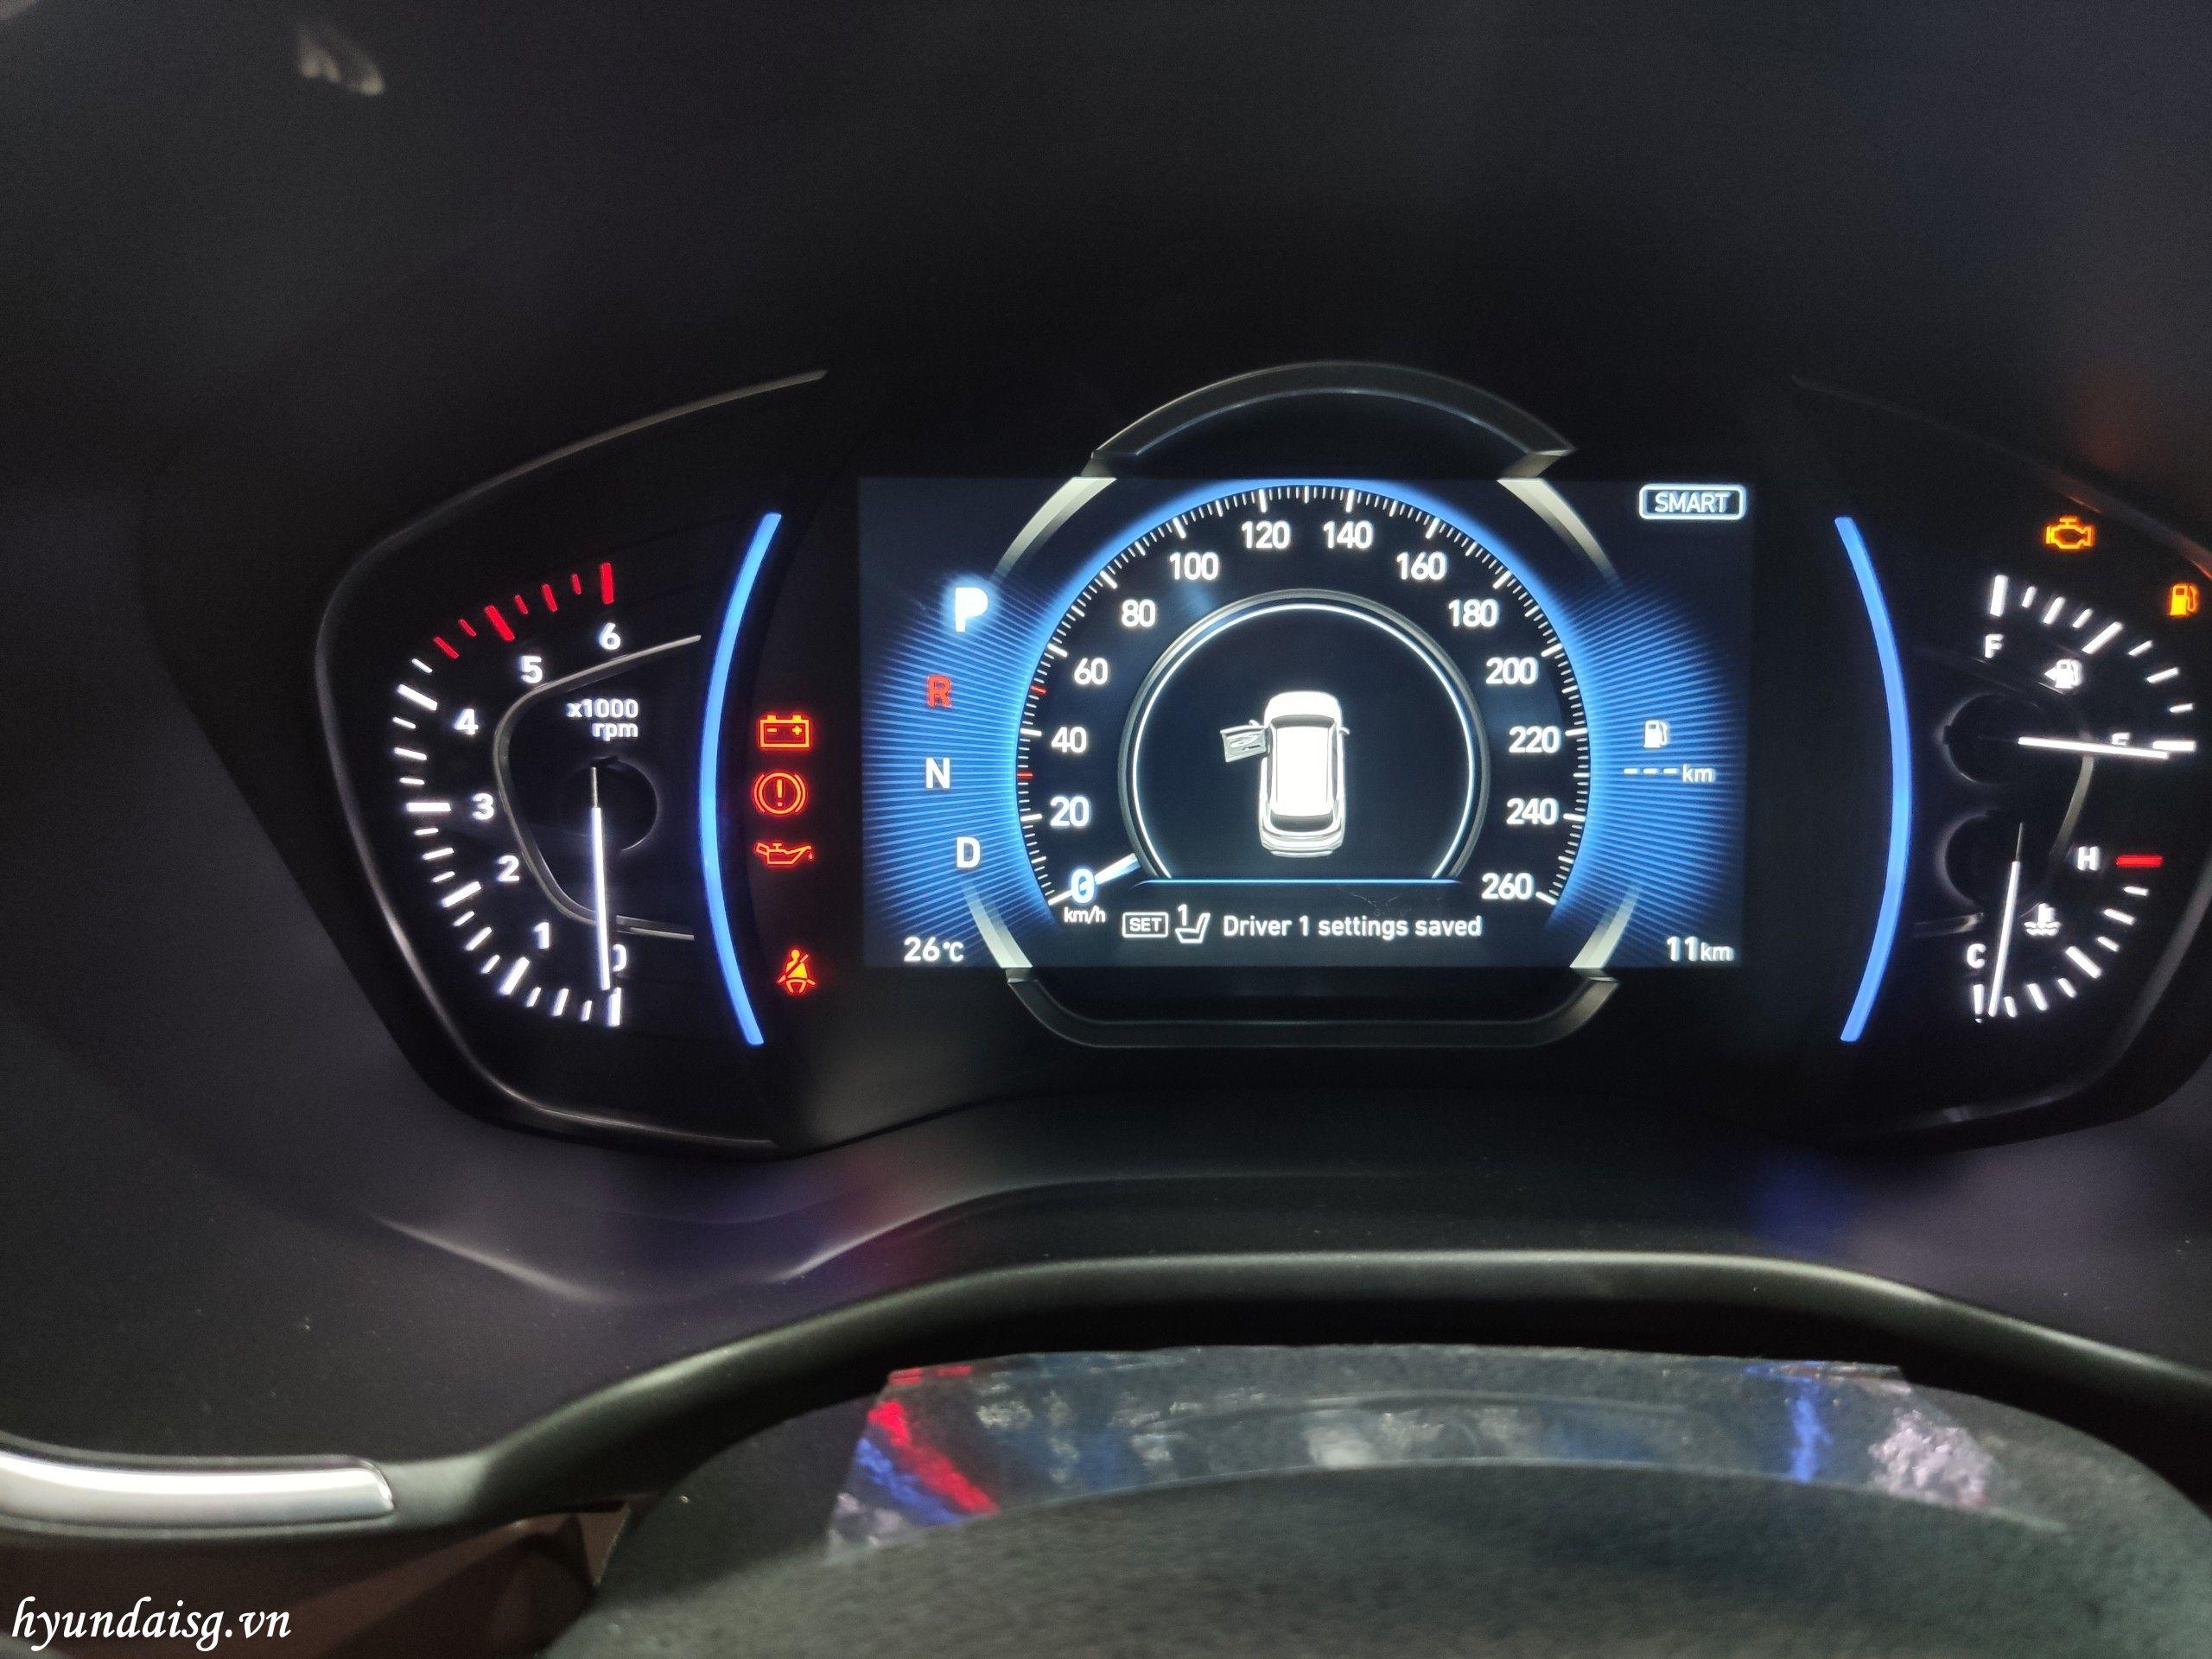 Hình Ảnh Hướng dẫn sử dụng xe Hyundai Santafe cho người mới 35